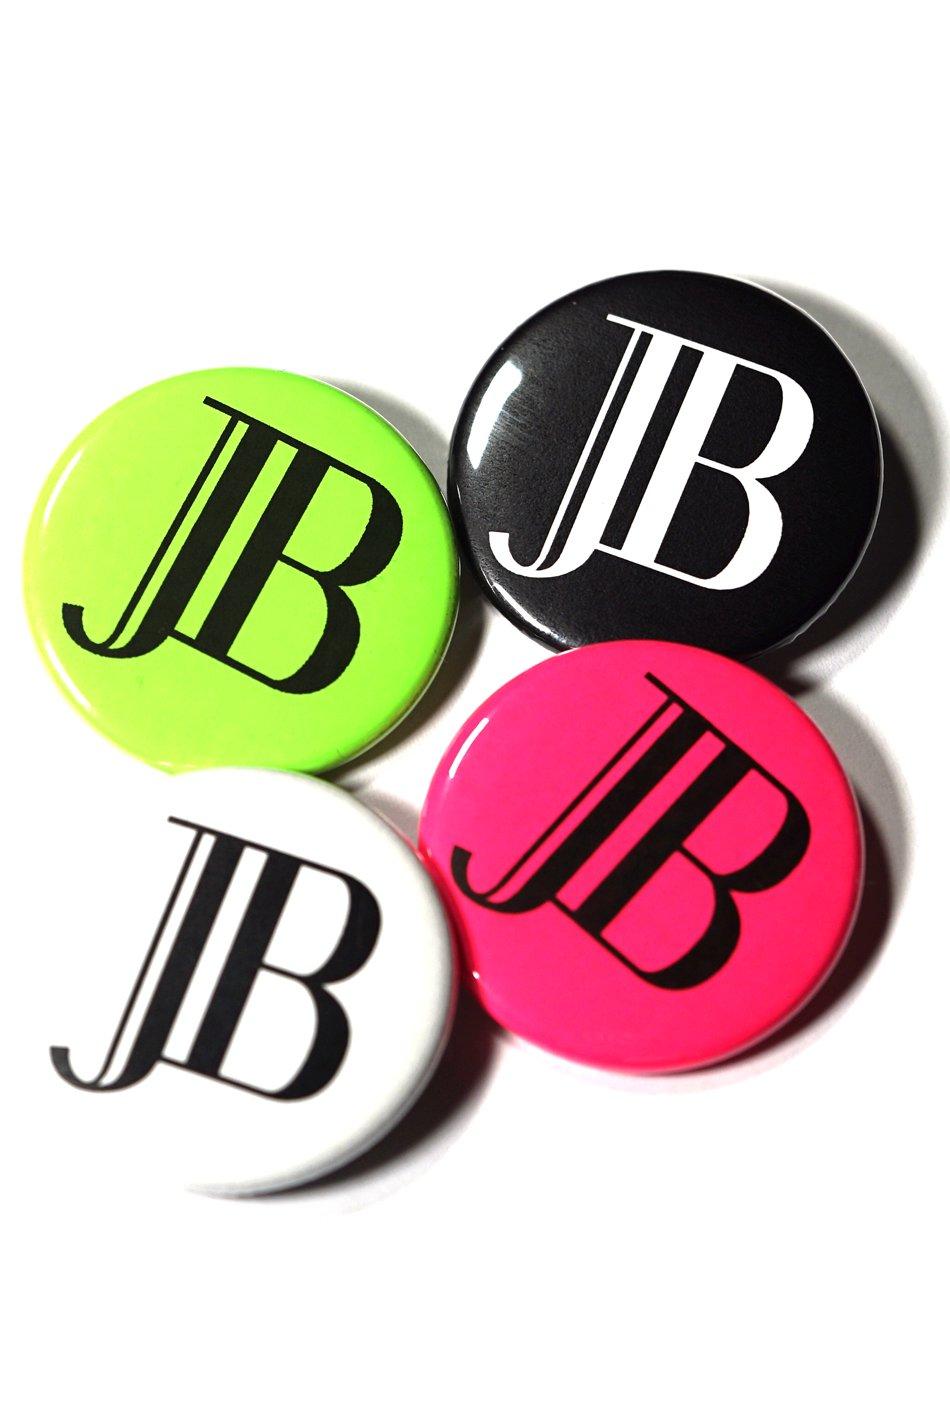 JB LOGO PinBack Button